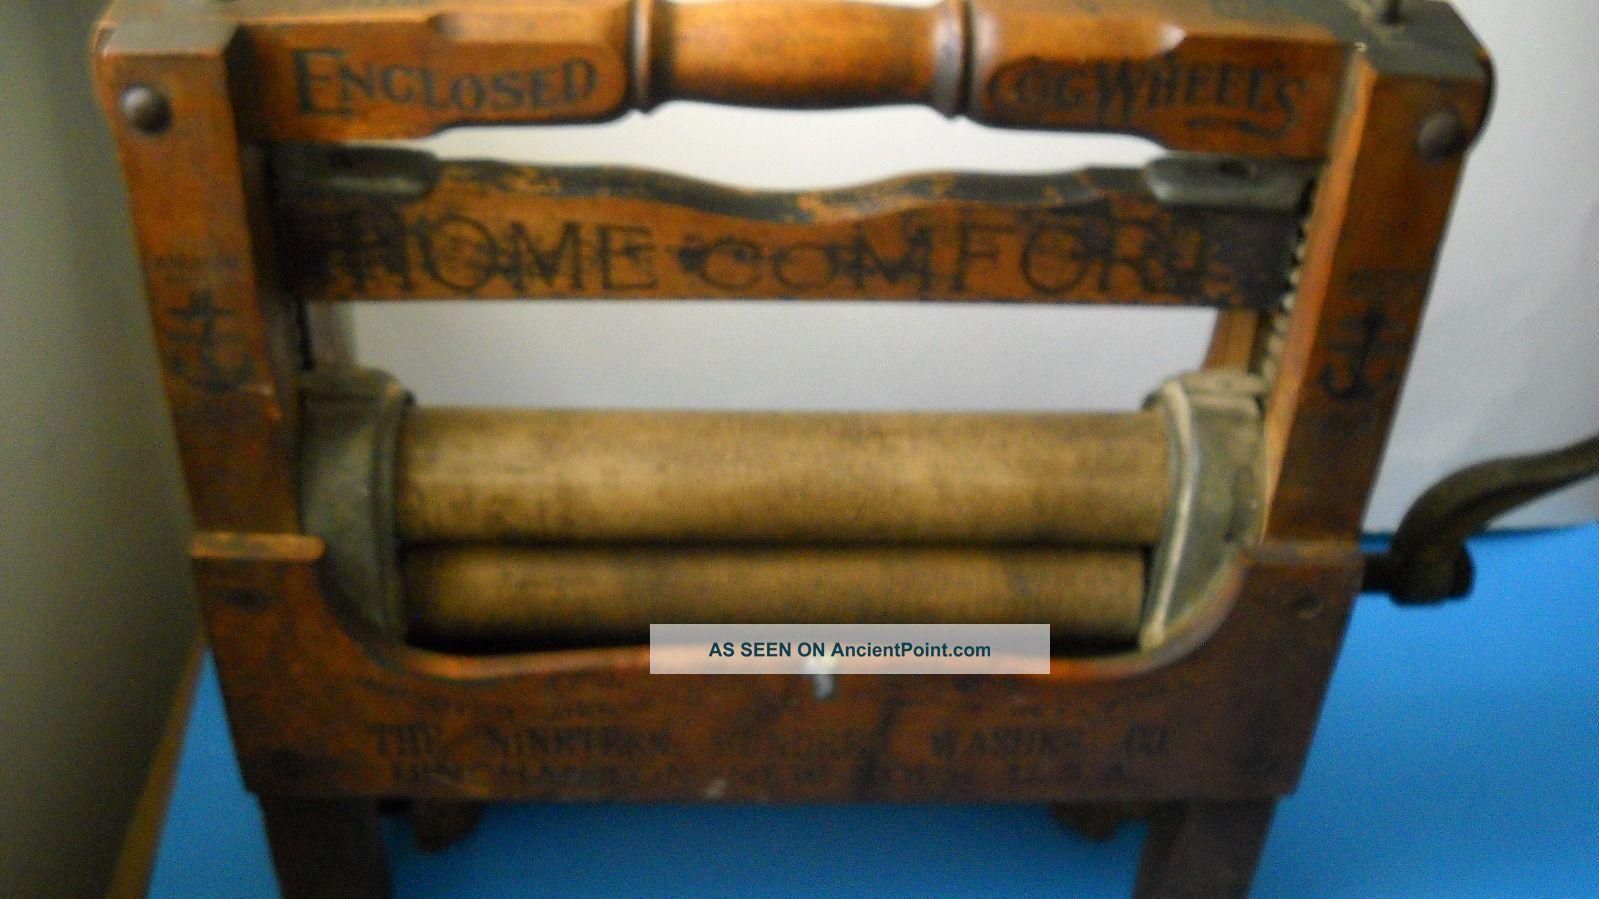 Antique Nineteen Hundred Washer Company Wringer Patented June 21,  1908 Washing Machines photo